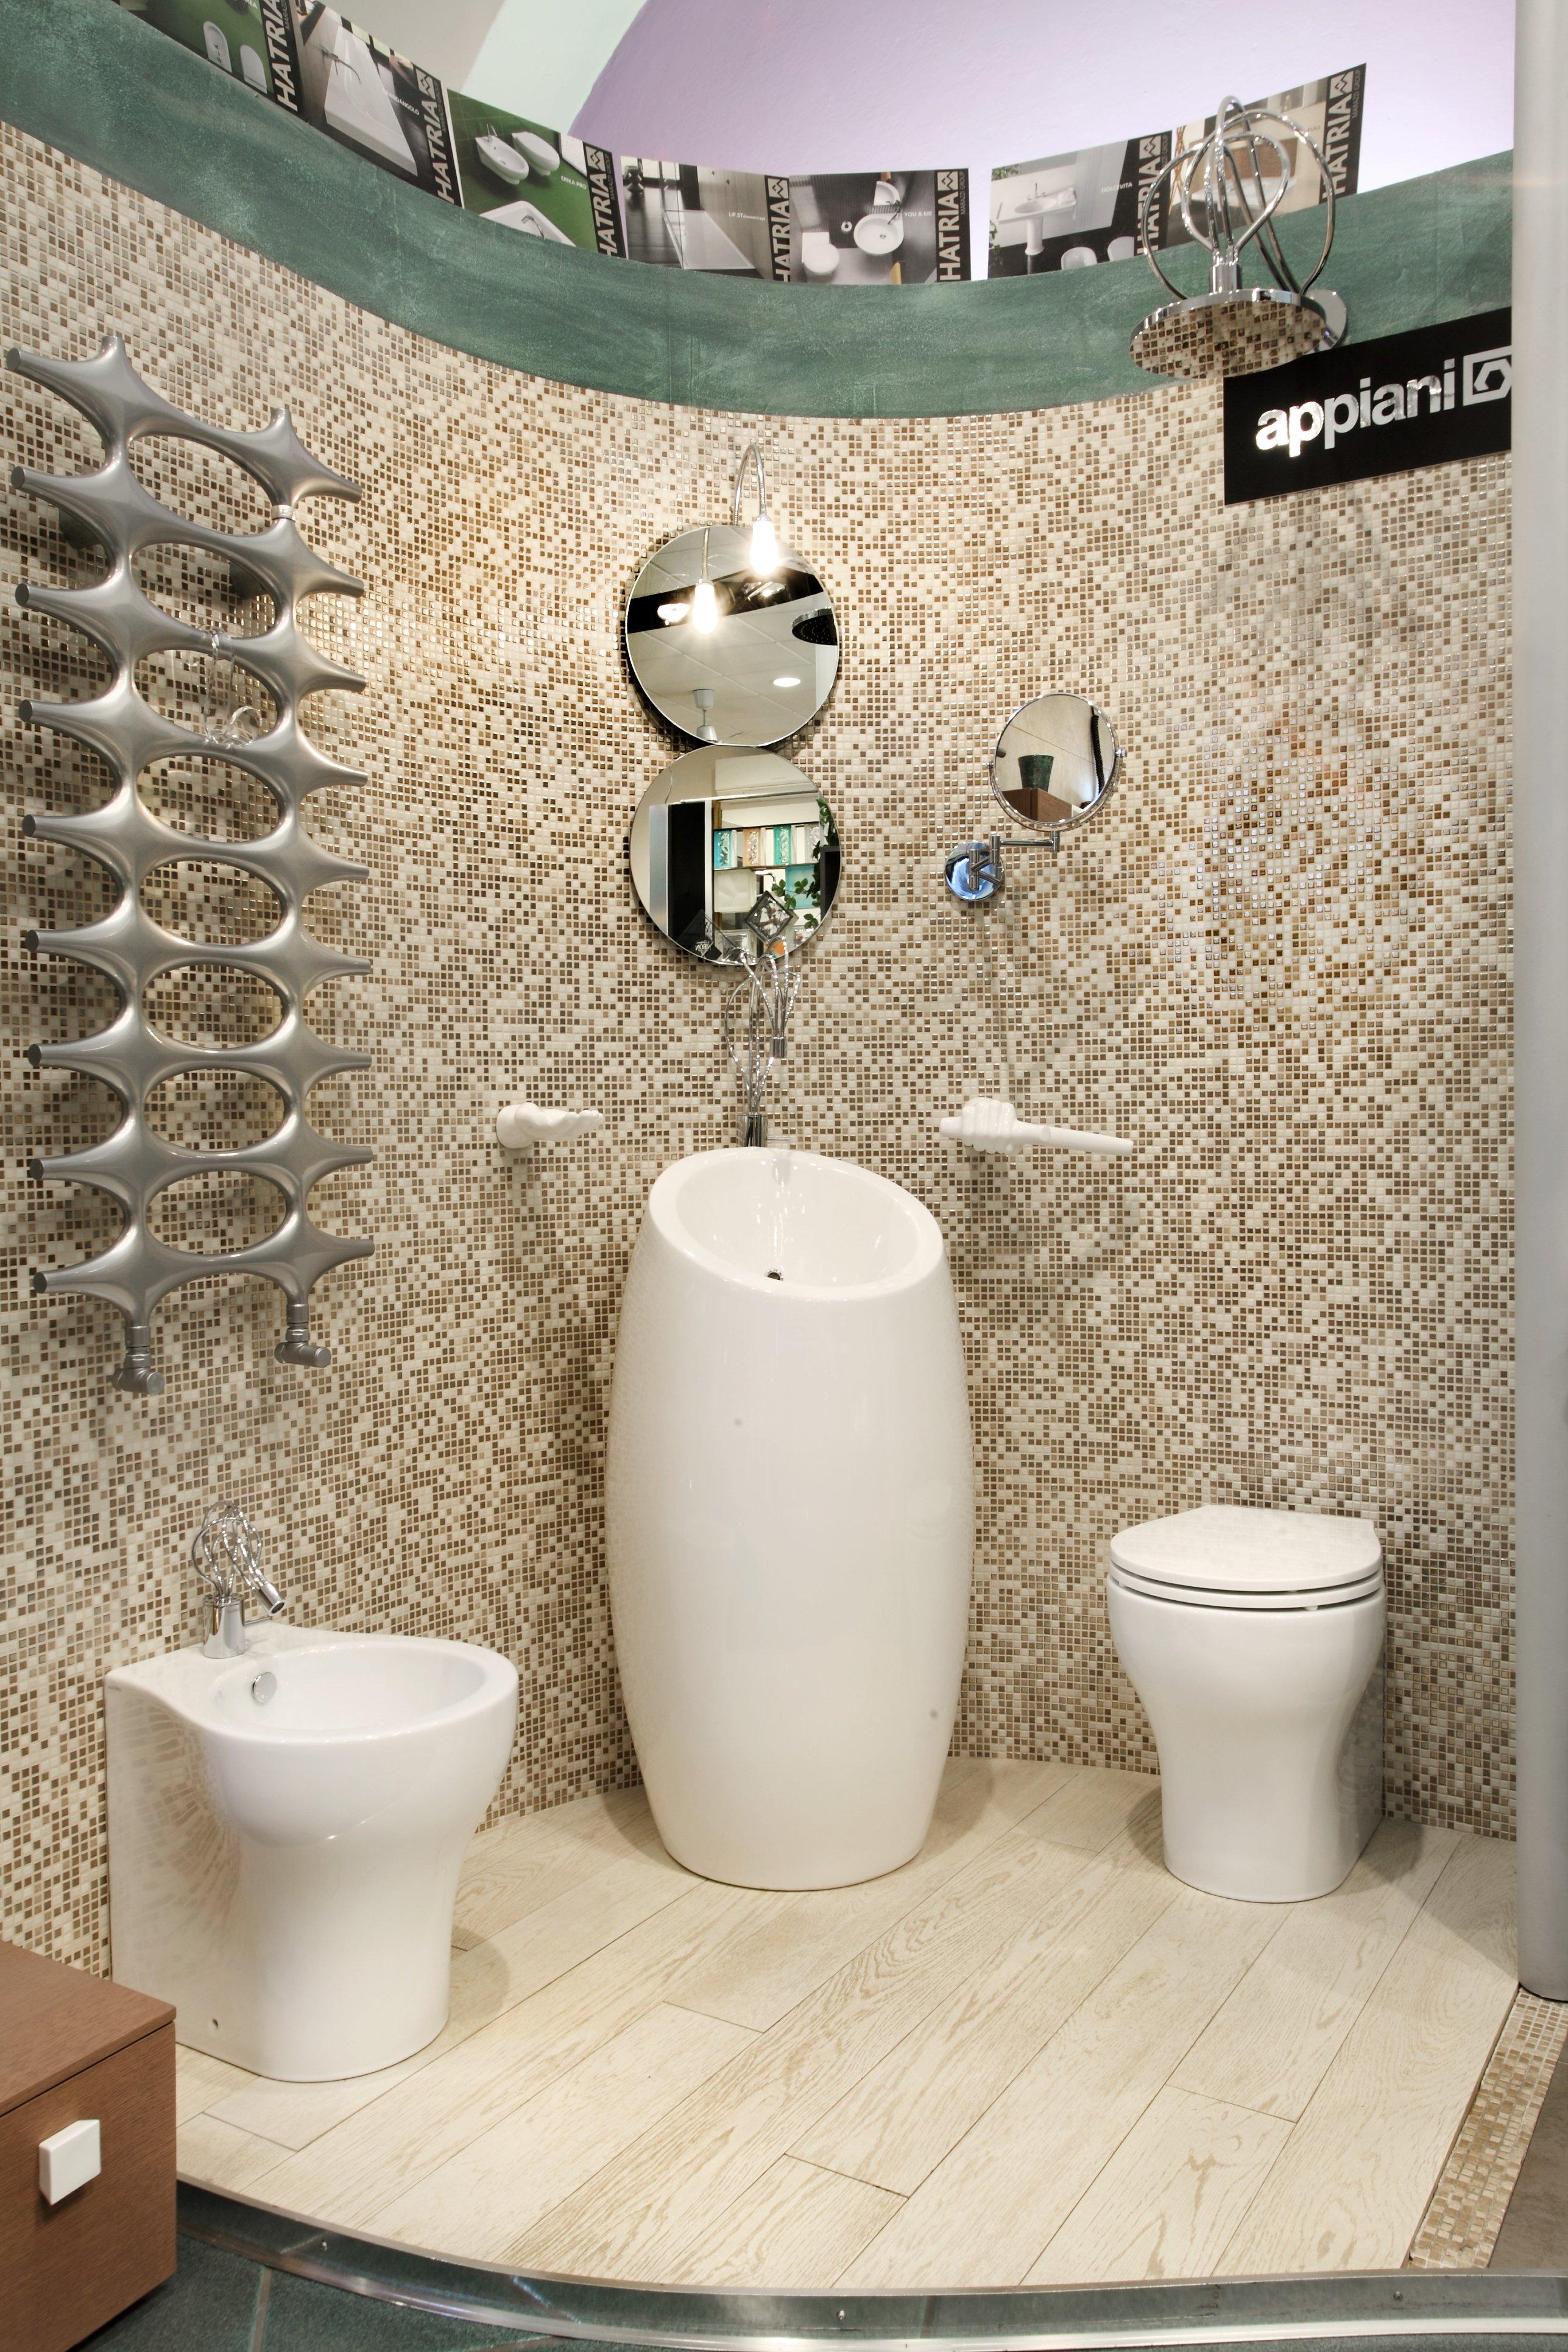 Vista frontale di un bagno con mensole in acciaio